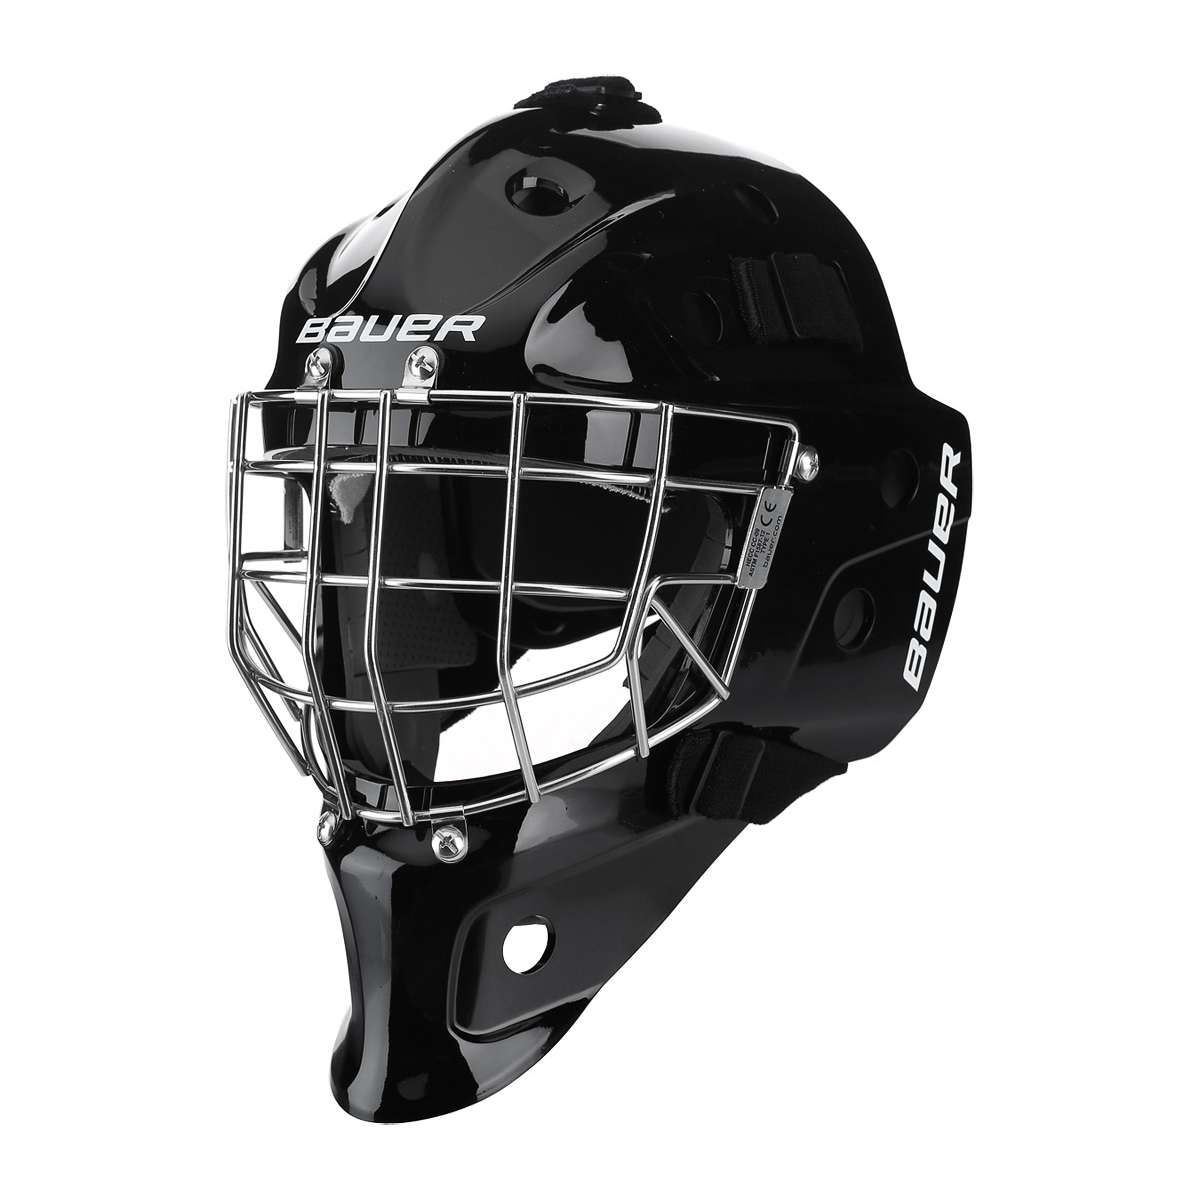 Brankárske masky za najnižšie ceny - Sporthockey.sk df809303e1